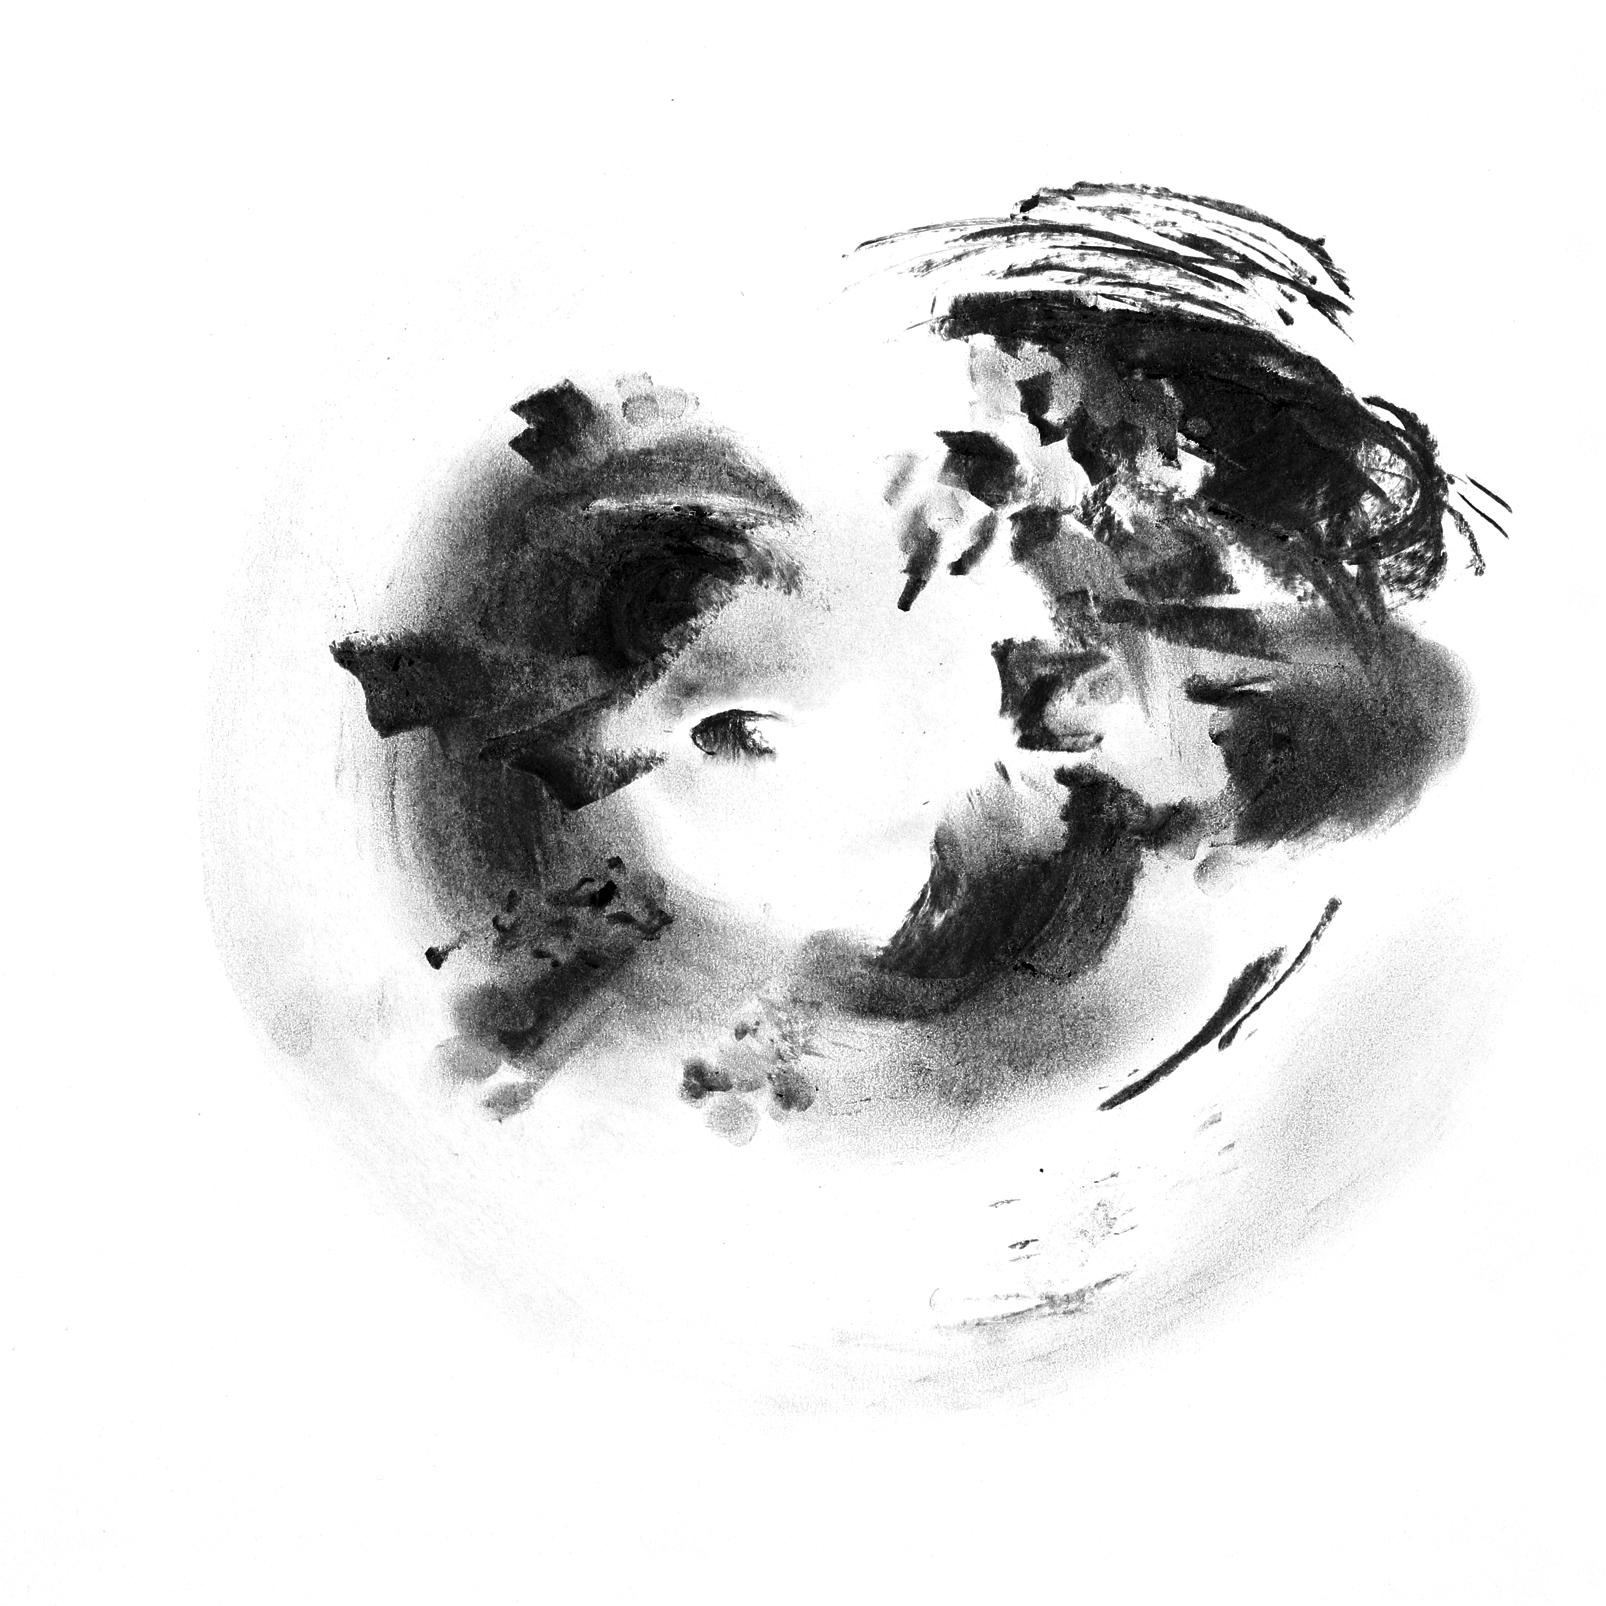 Van de(n) Berk (Berken houtskool op papier, 40×40 cm, 2019-2020)